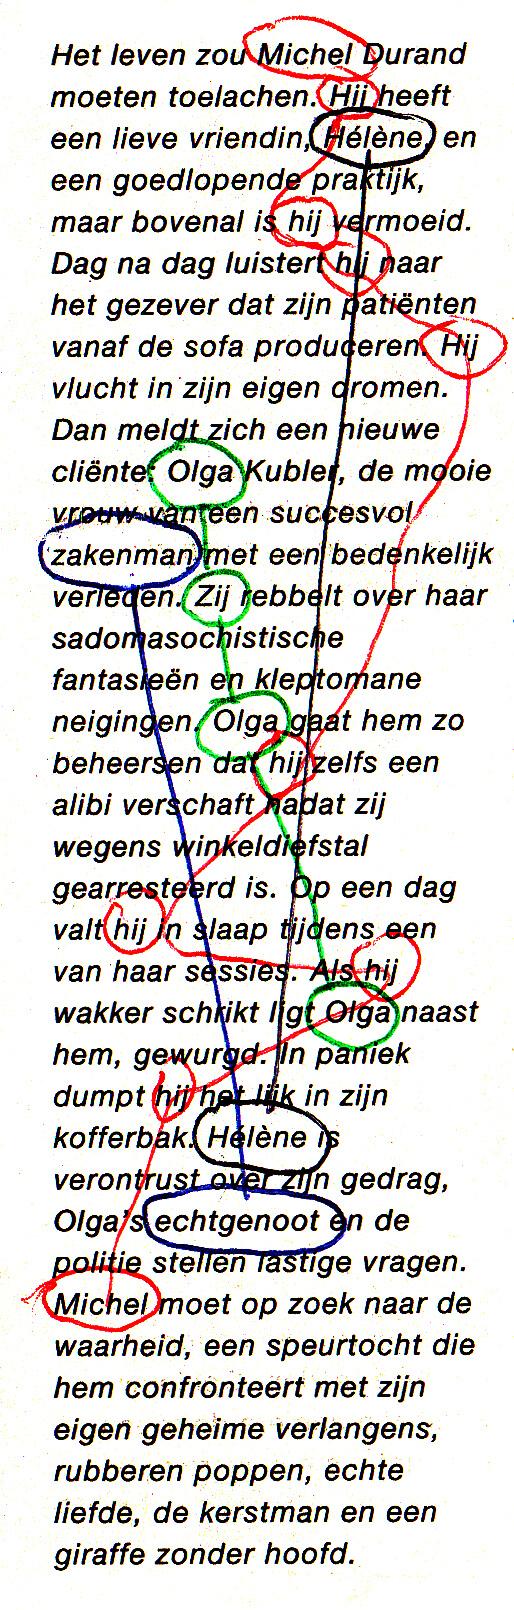 MILE, Quartair, Het leven, banner 180 x 80 cm, original 13.5 x 4.5 cm, 2011